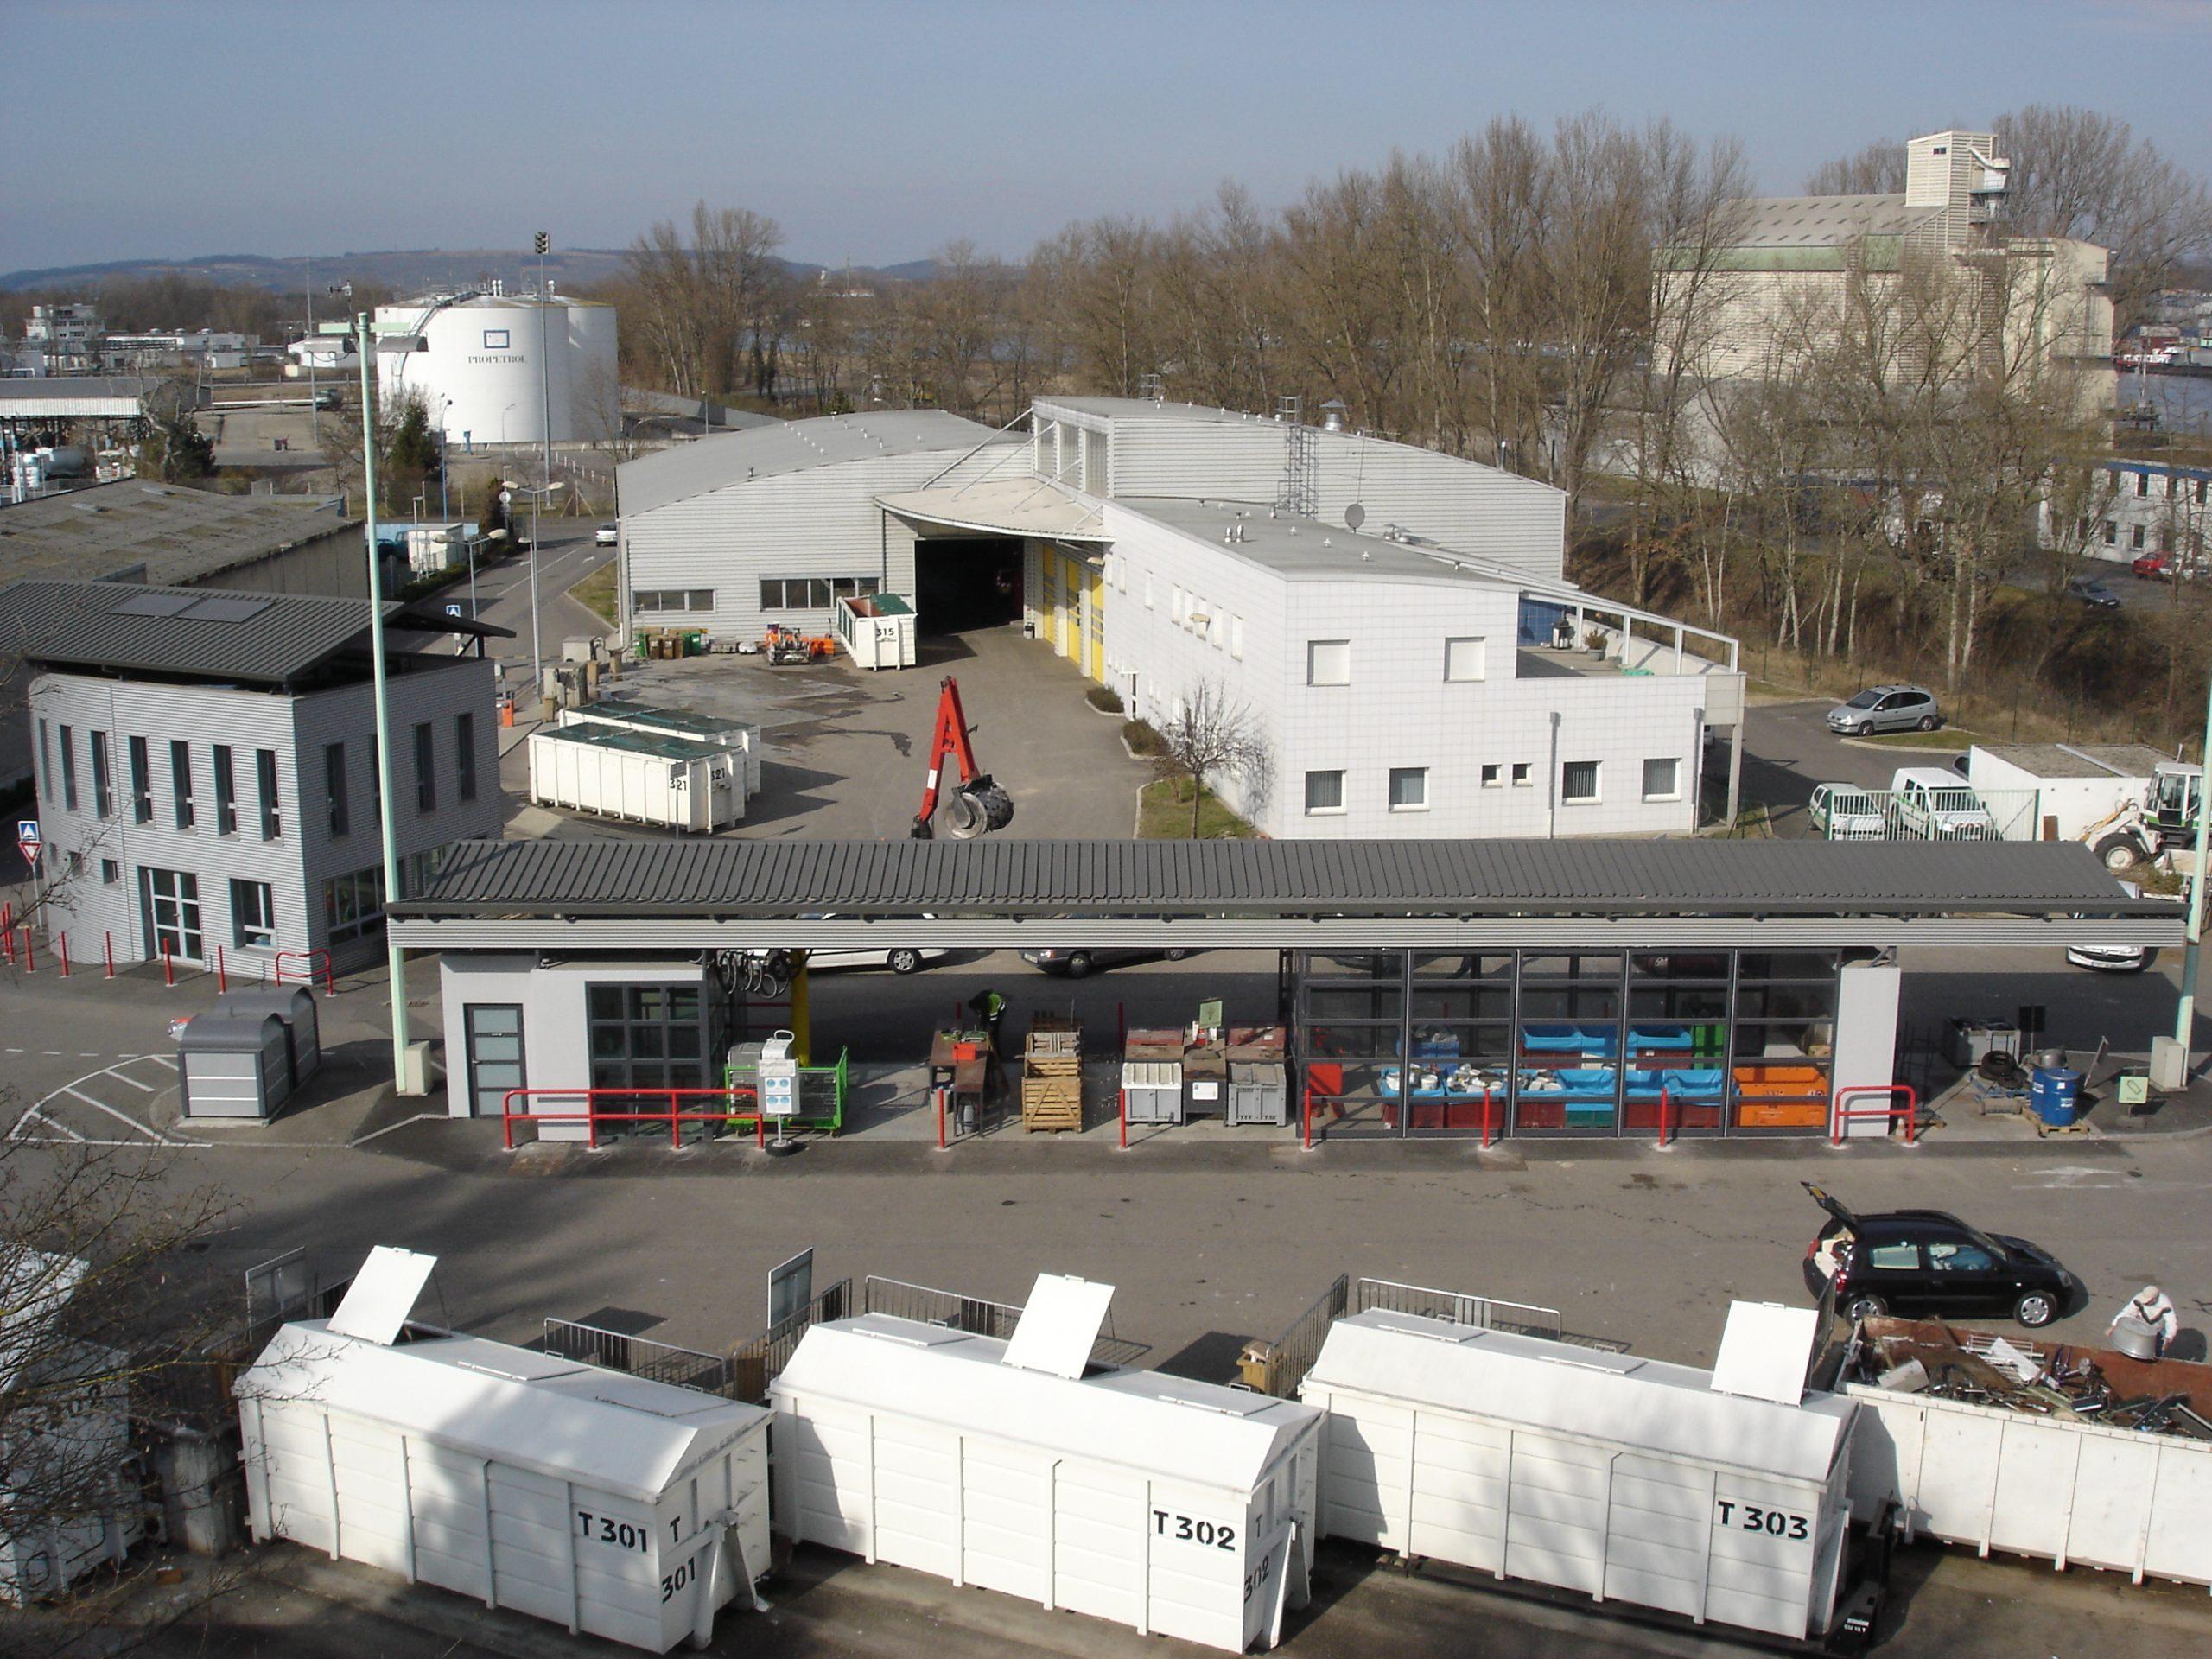 Déchetterie Intercommunale De Village-Neuf - Saint-Louis ... pour Piscine Village Neuf Horaires